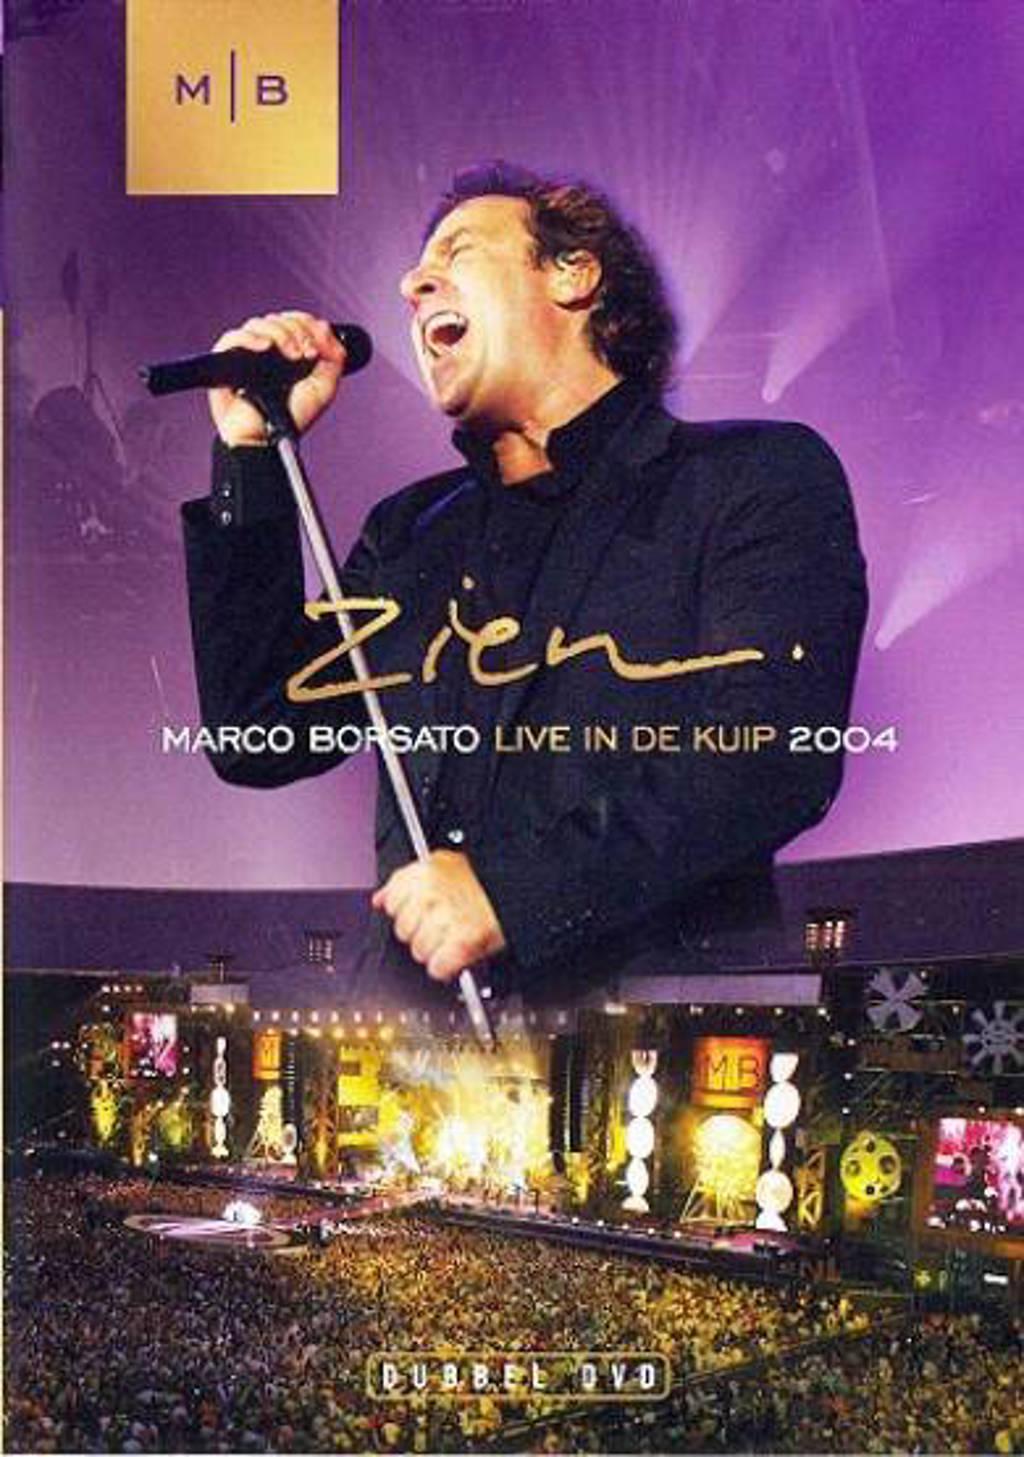 Marco Borsato - zien live Kuip (DVD)